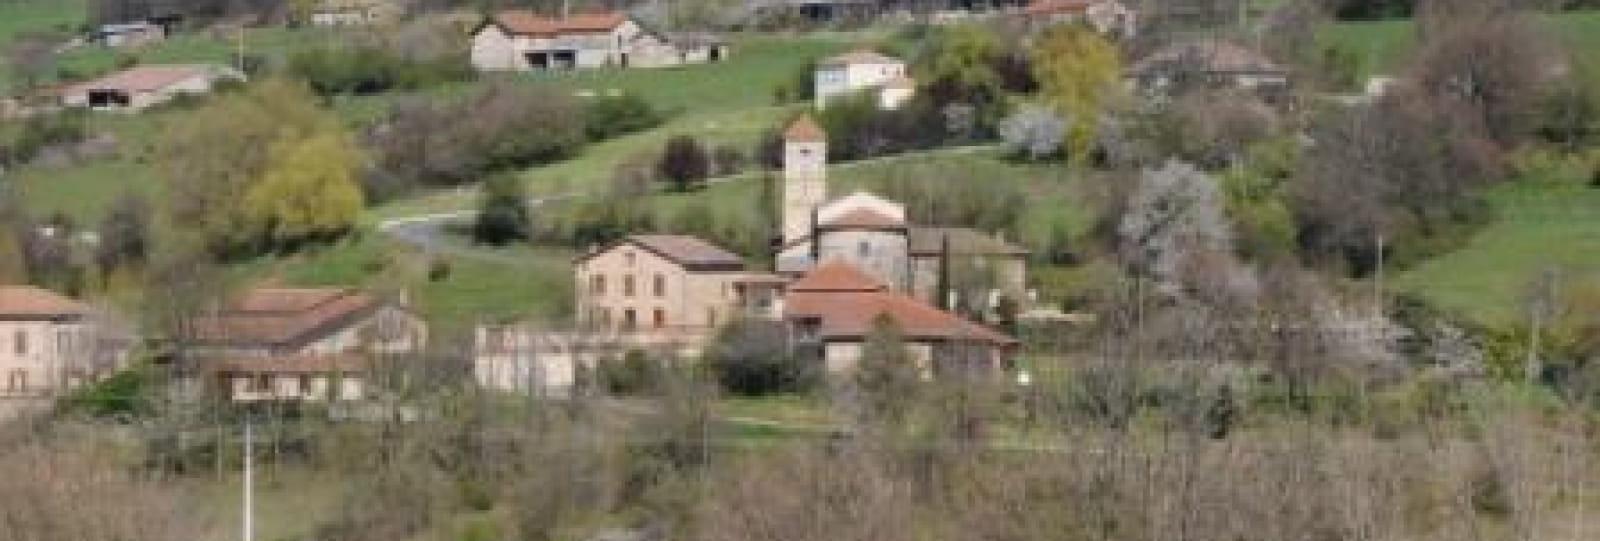 Village Le Chalon